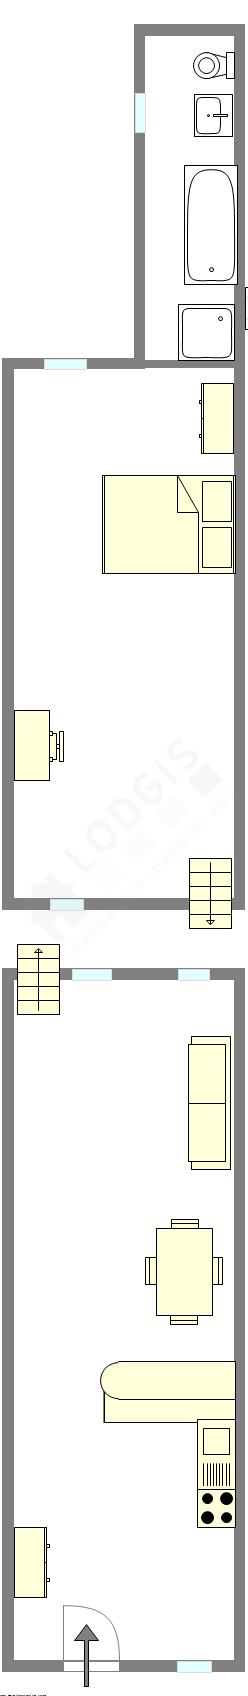 Dúplex Paris 5° - Plano interativo